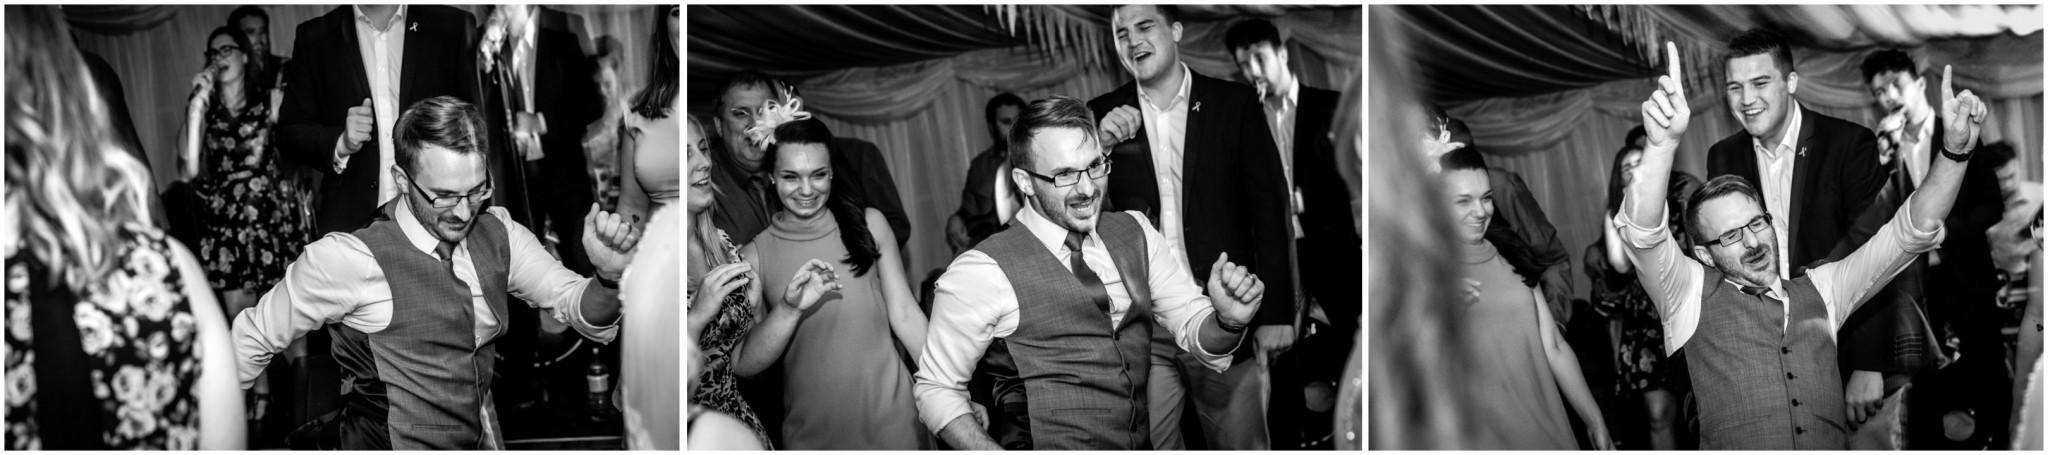 Tournerbury Woods Estate Wedding Groom dancing